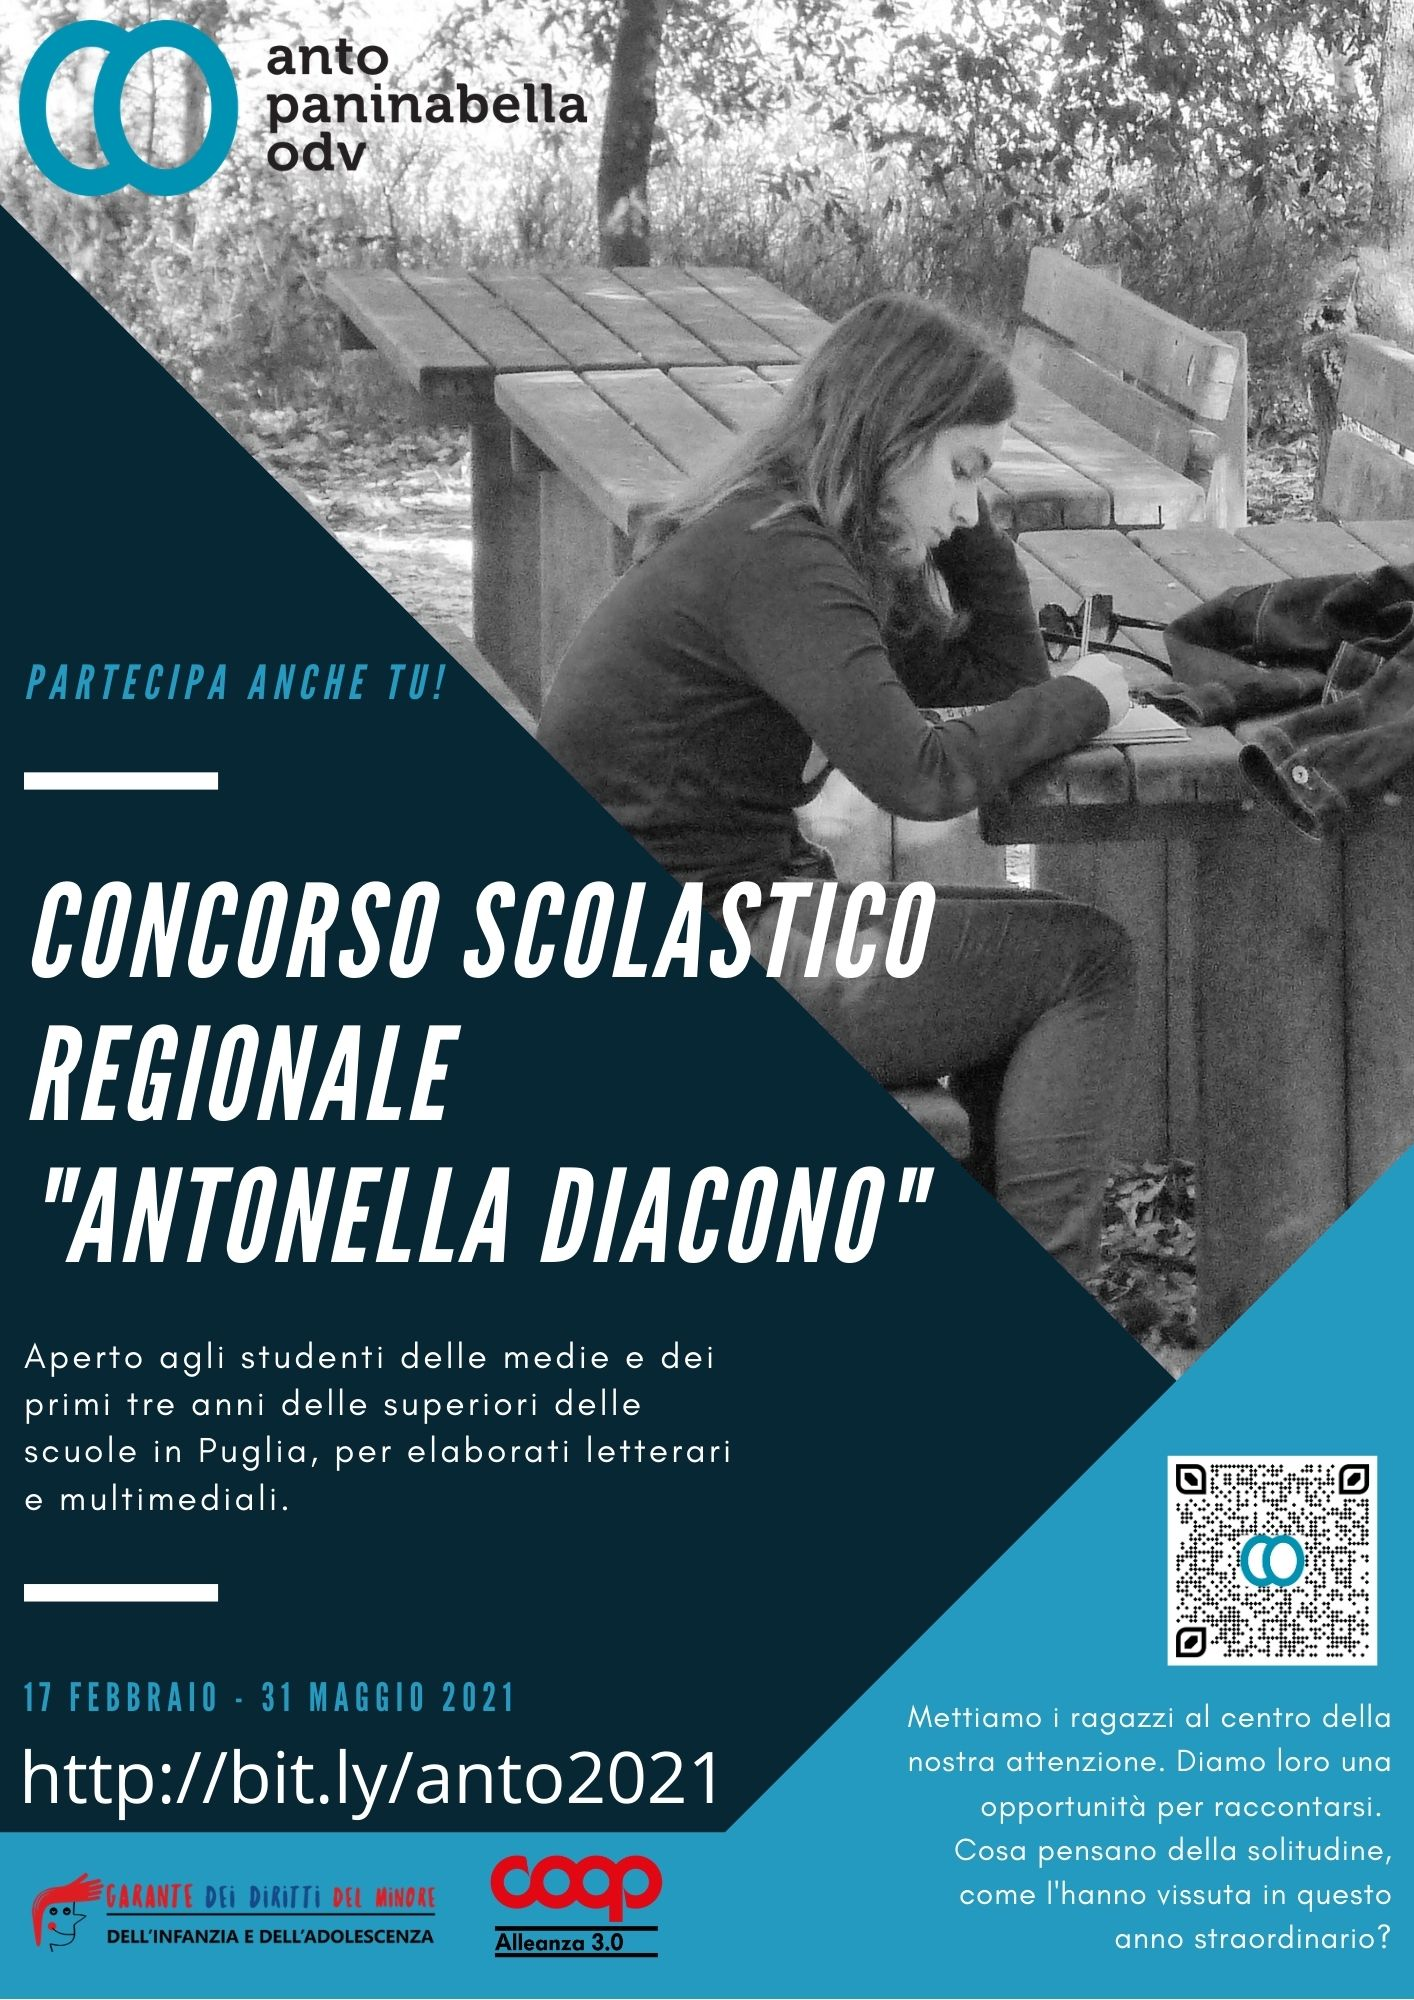 Locandina-Concorso-scolastico-regionale-Antonella-Diacono-2021-Anto-Paninabella-ODV